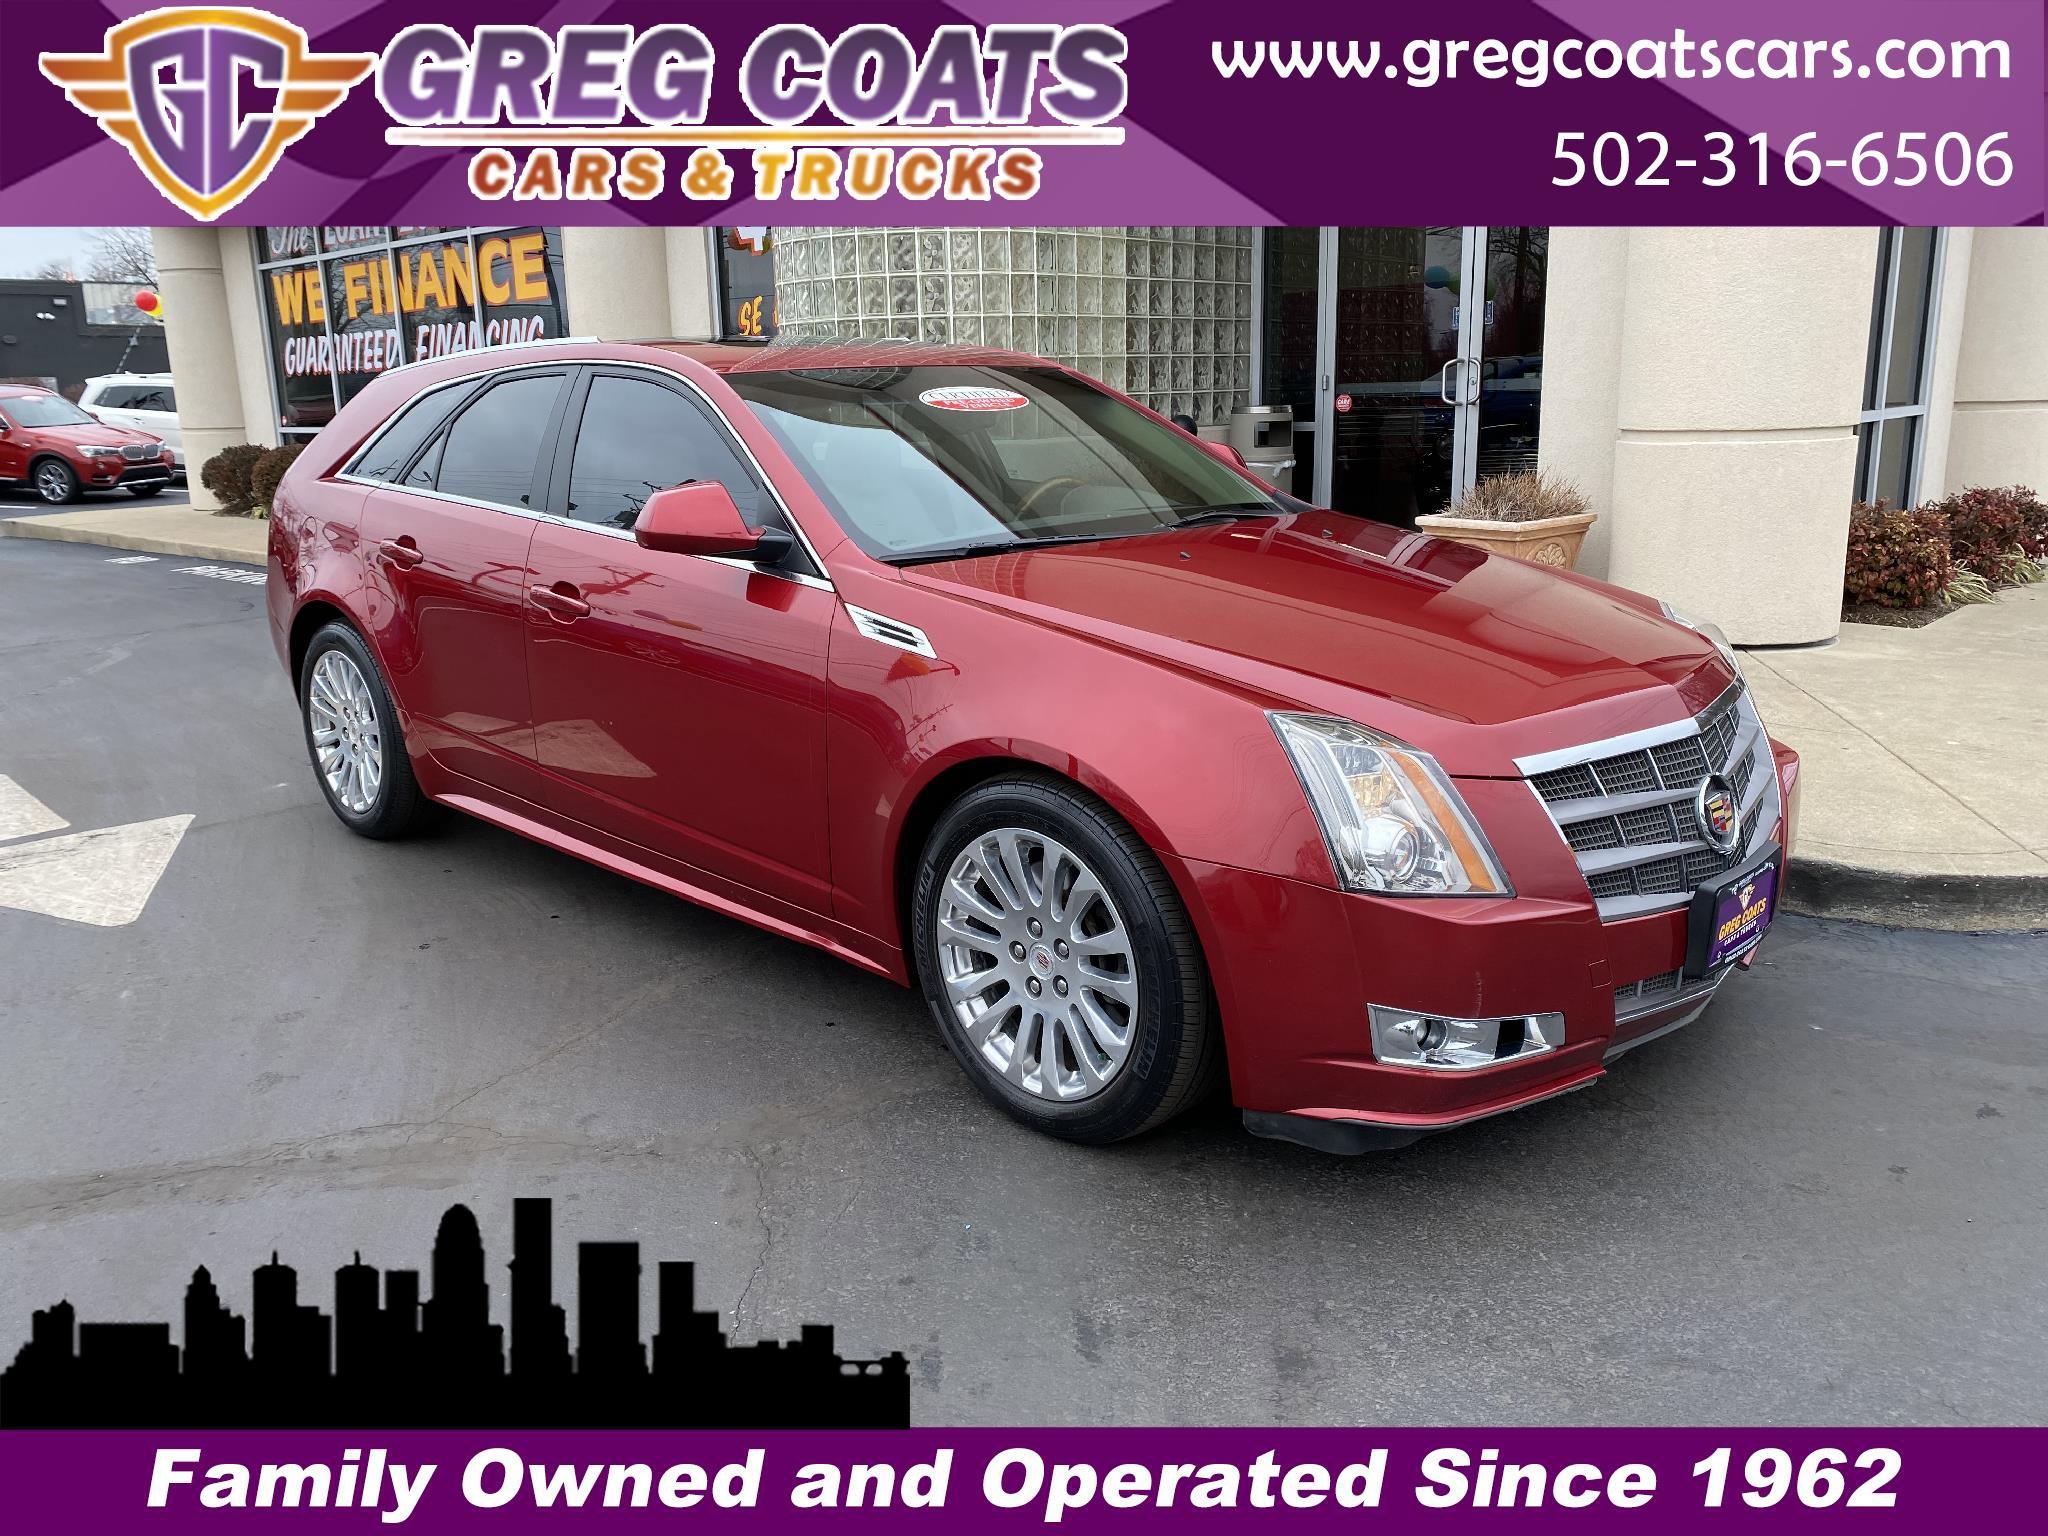 2010 Cadillac CTS 3.6 Premium image